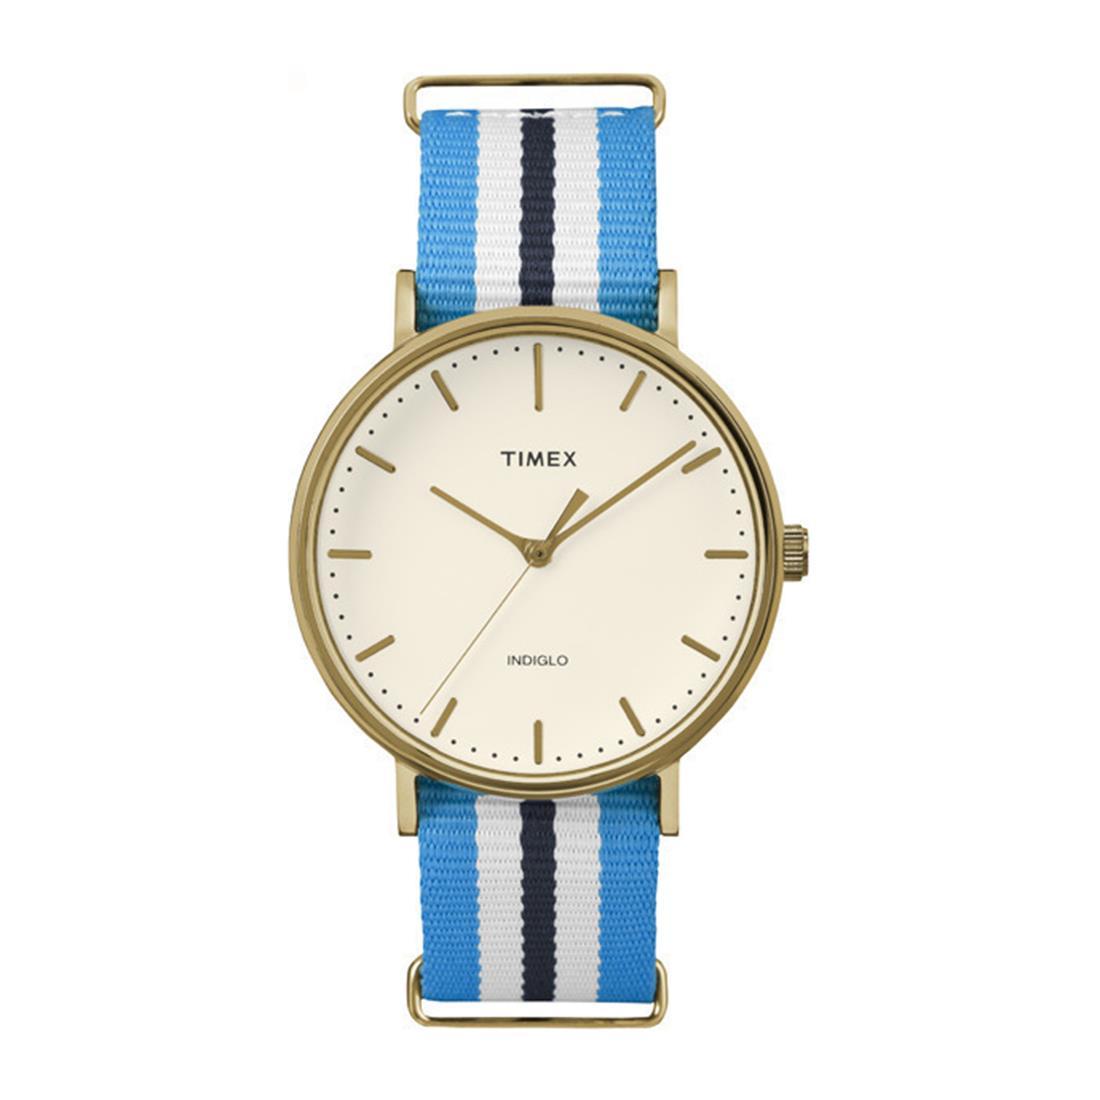 reloj caja 41mm - TIMEX